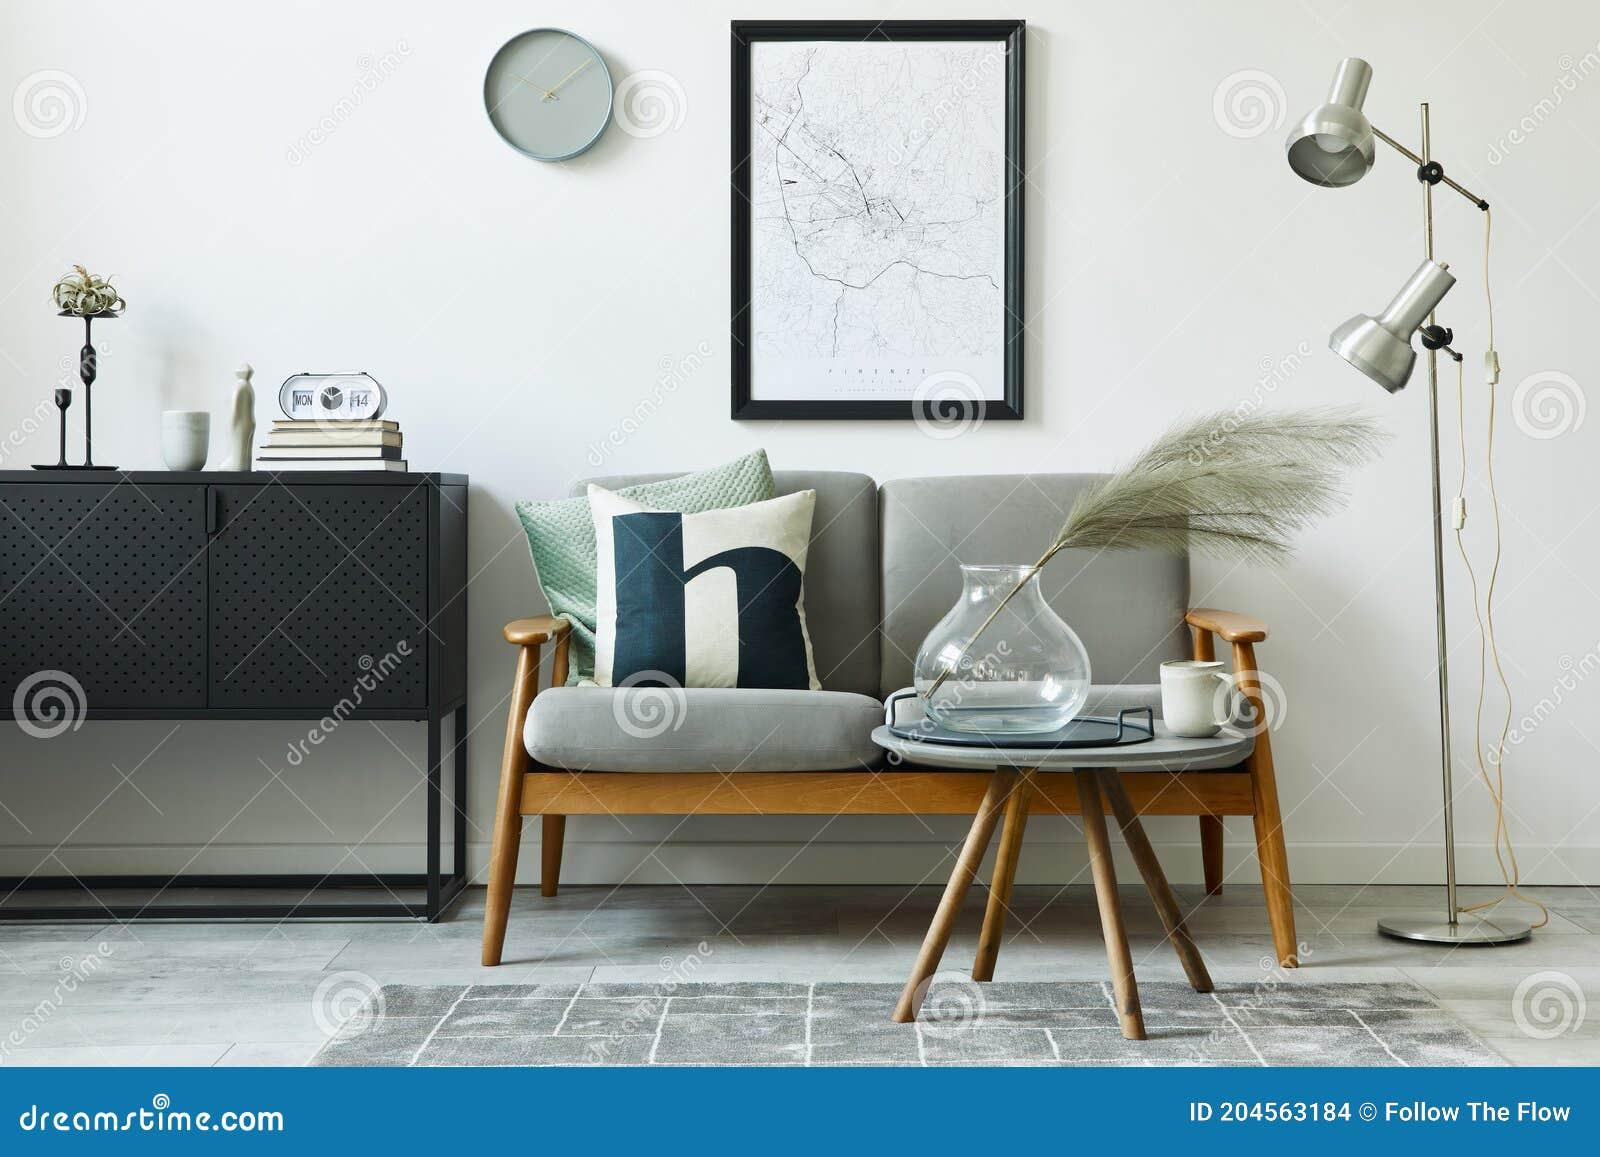 Unieke Loft Interieur Met Groene Comfortabele Sofa Ontwerpmeubelen Modelleren Poster Kaart Tapijtplanten Decoratie Stock Foto Afbeelding Bestaande Uit Spatie Familie 204563184